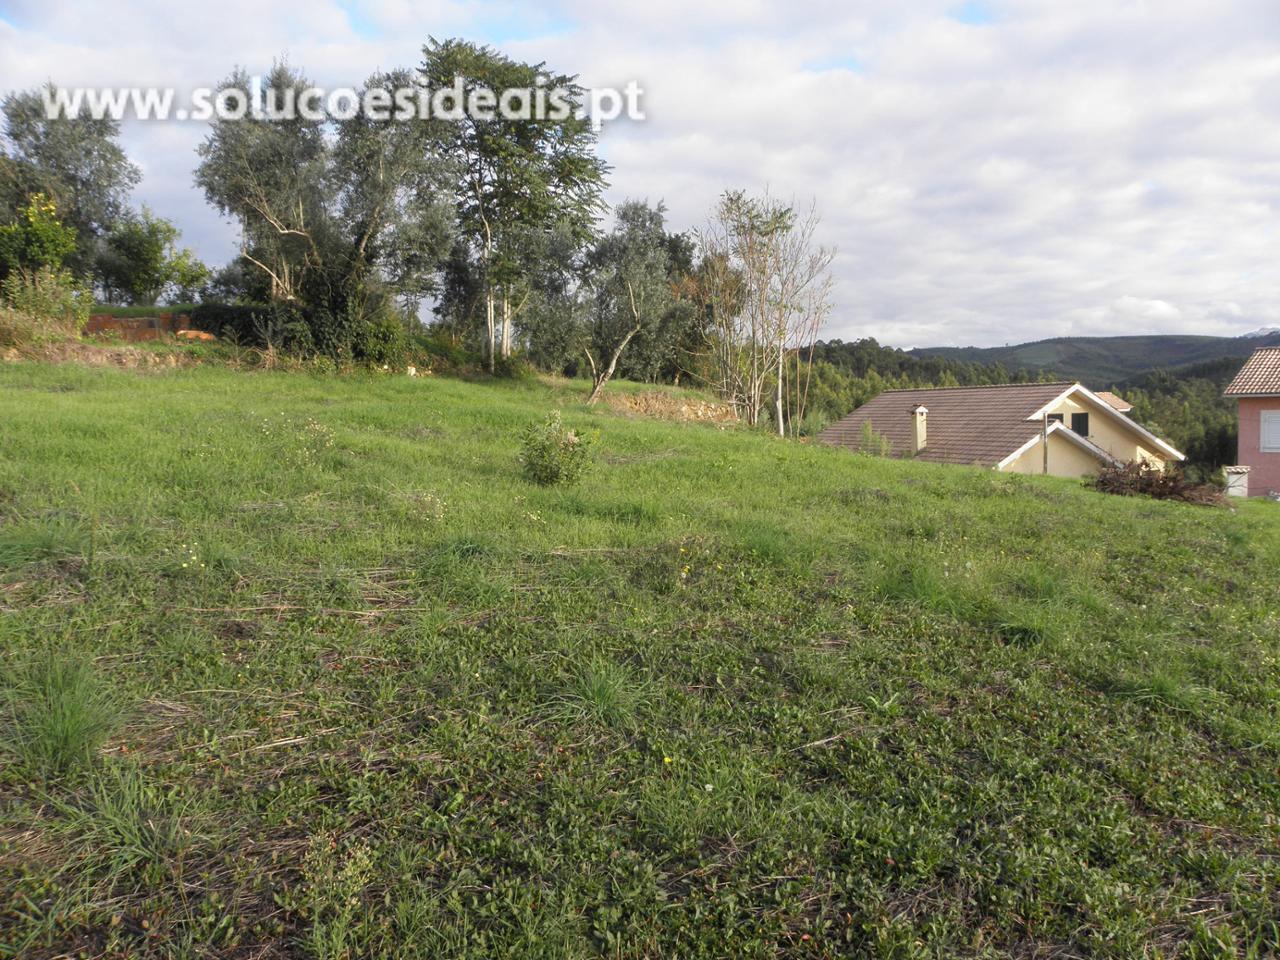 terreno para compra em vila nova de poiares poiares santo andre poiares LSAVC125